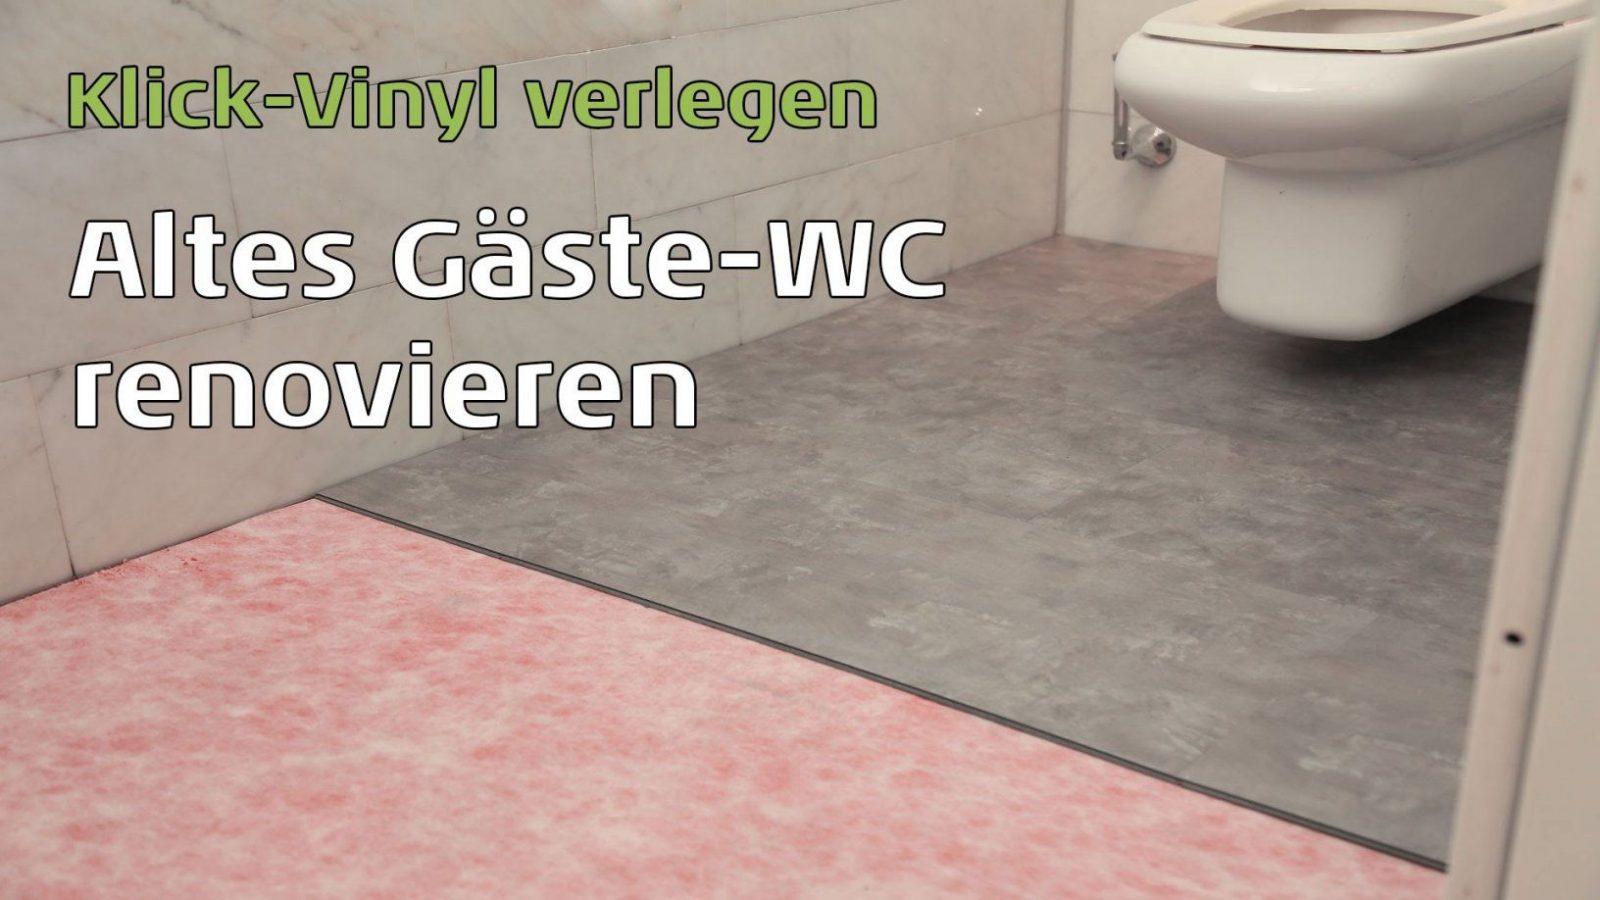 Wc Renovierung Mit Klick Vinyl  Youtube von Kann Man Vinylboden Auf Fliesen Verlegen Photo